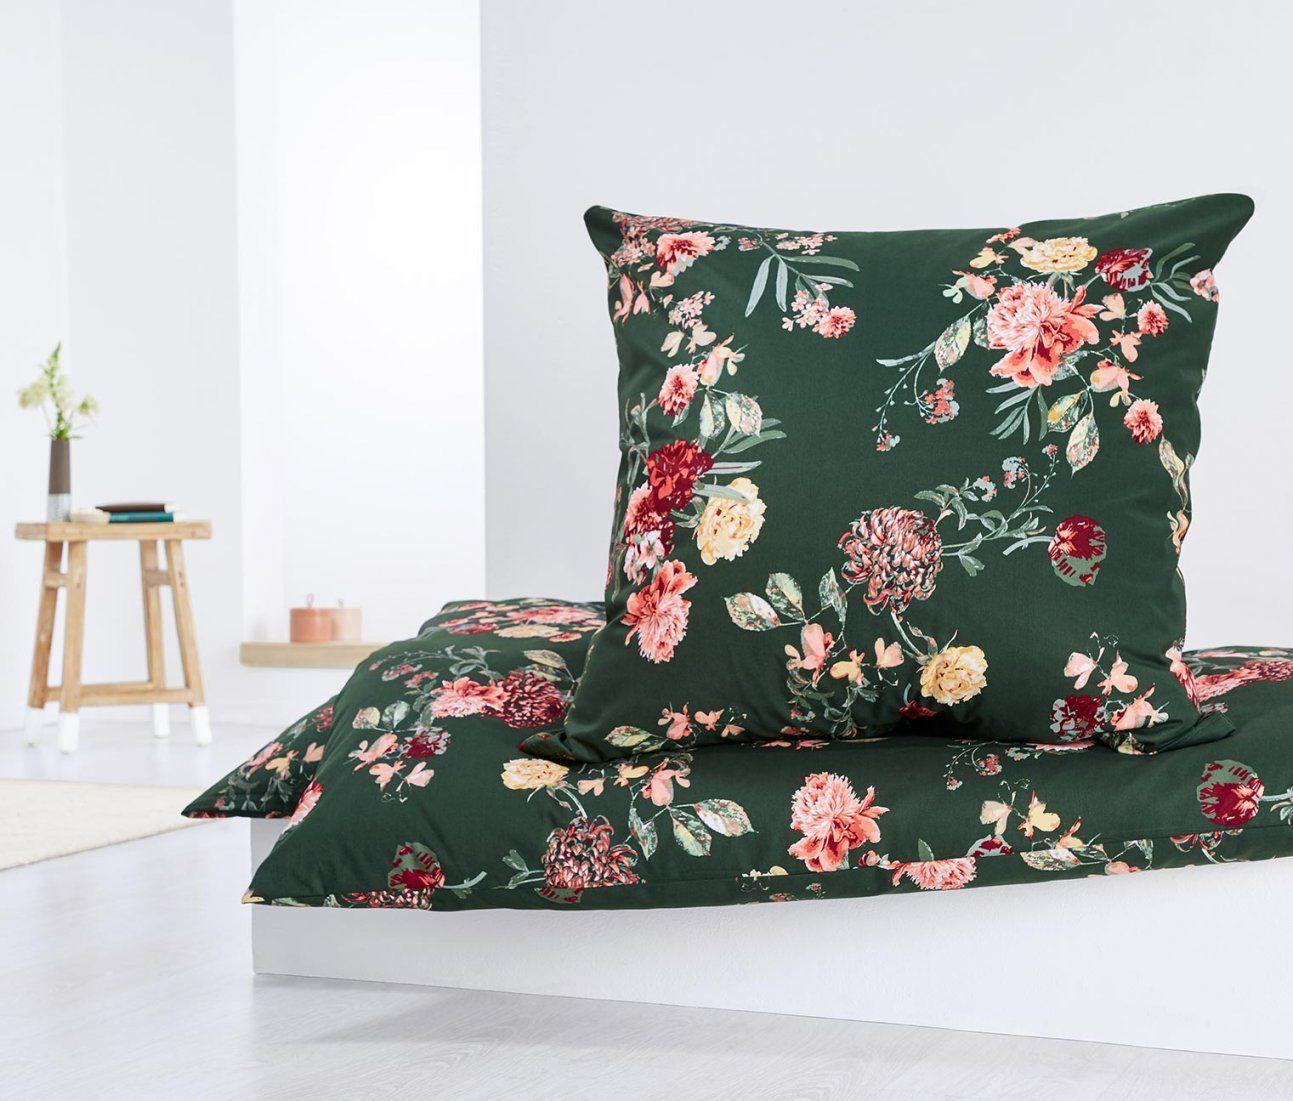 Renforcébettwäsche Normalgröße Online Bestellen Bei Tchibo 348057 von Tchibo Bettwäsche Blumen Bild